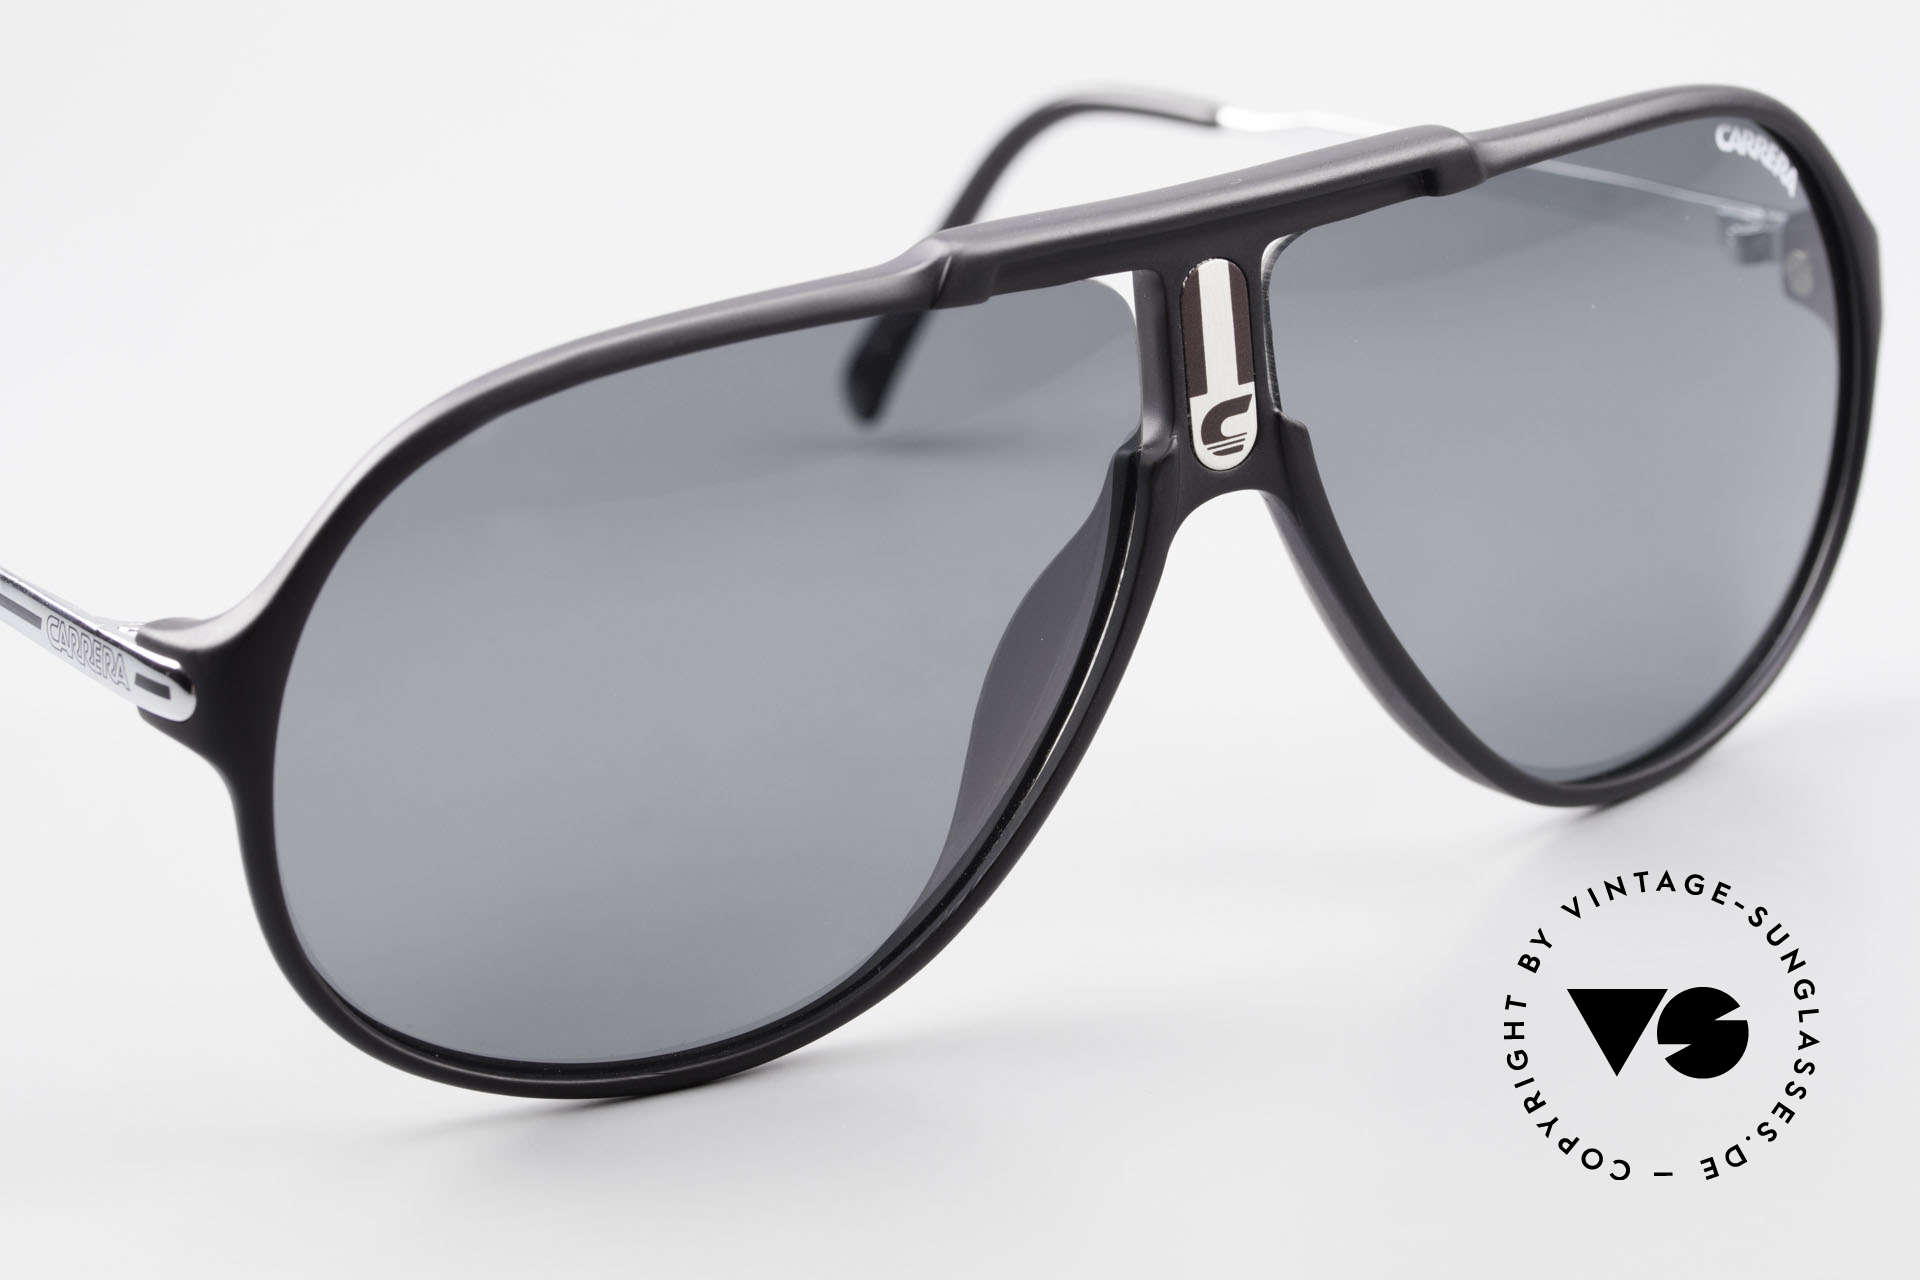 Carrera 5590 80er 90er Brille Polarisierend, 1x grau POLAR, 1x braun C-EXTREME, 1x braun-Verlauf, Passend für Herren